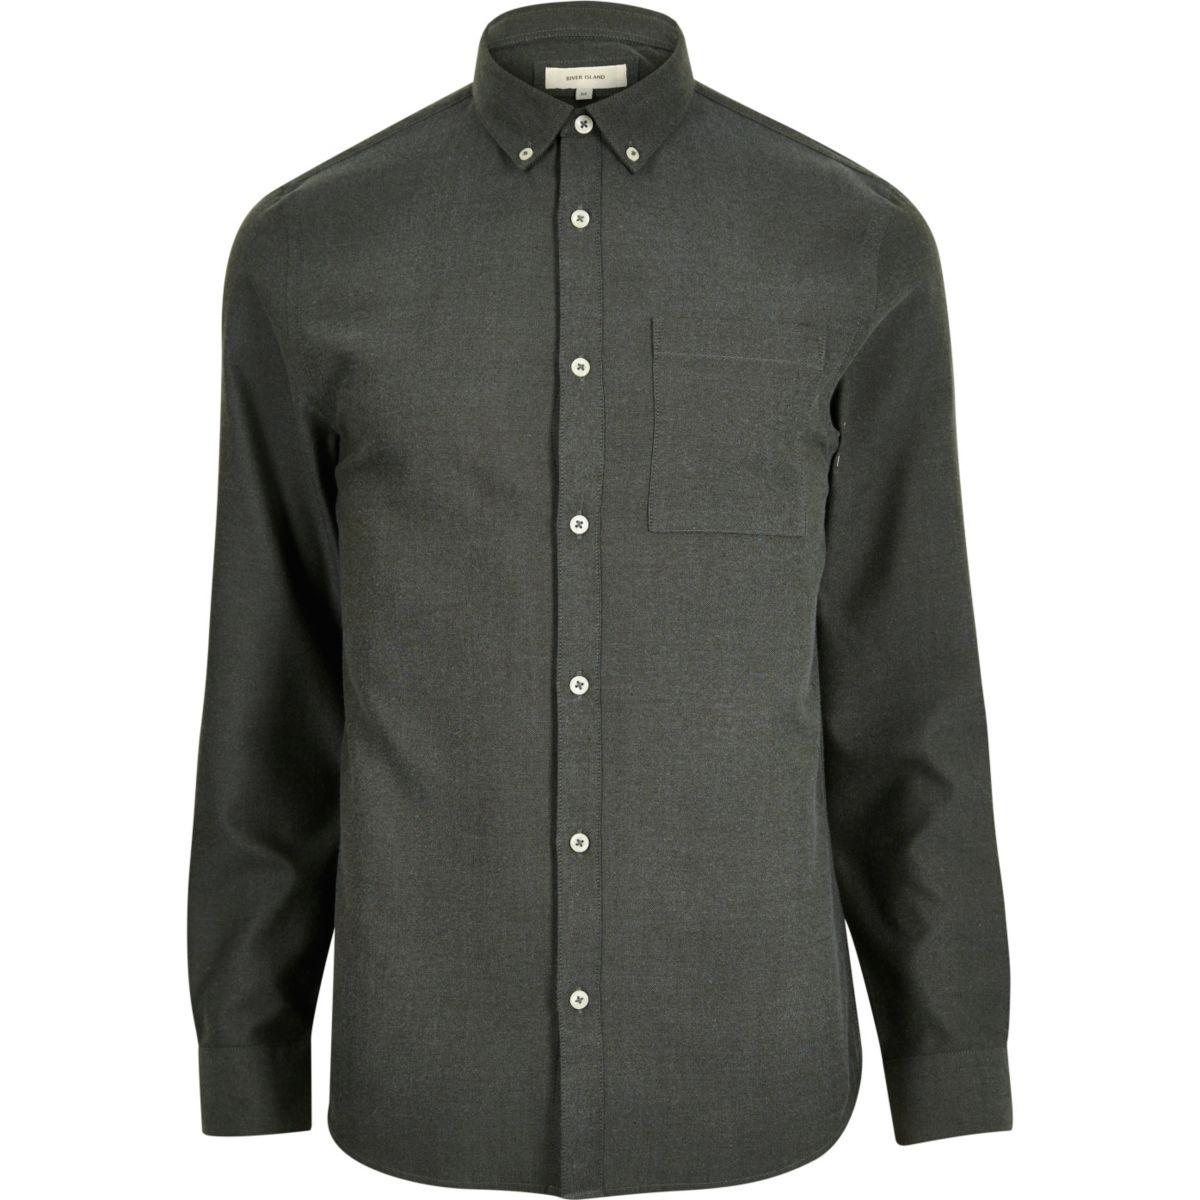 Green flannel long sleeve shirt